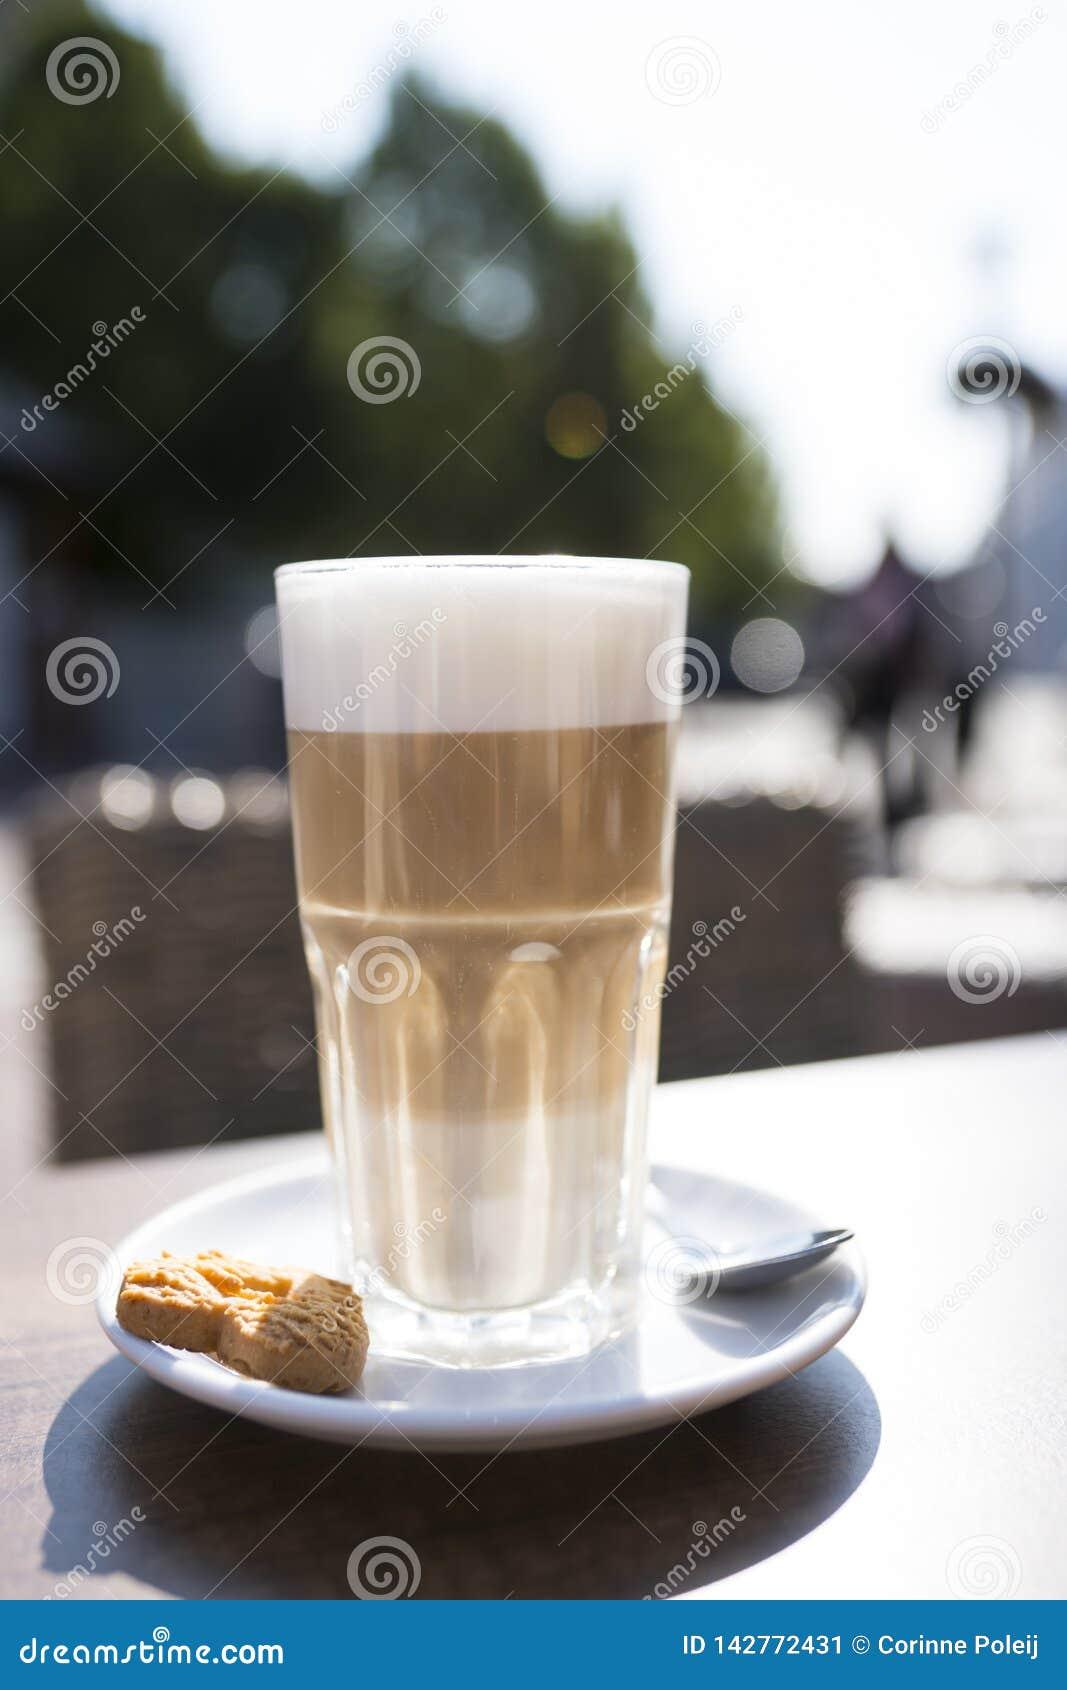 Szkło latte macchiato z spume, łyżką i ciastkiem,